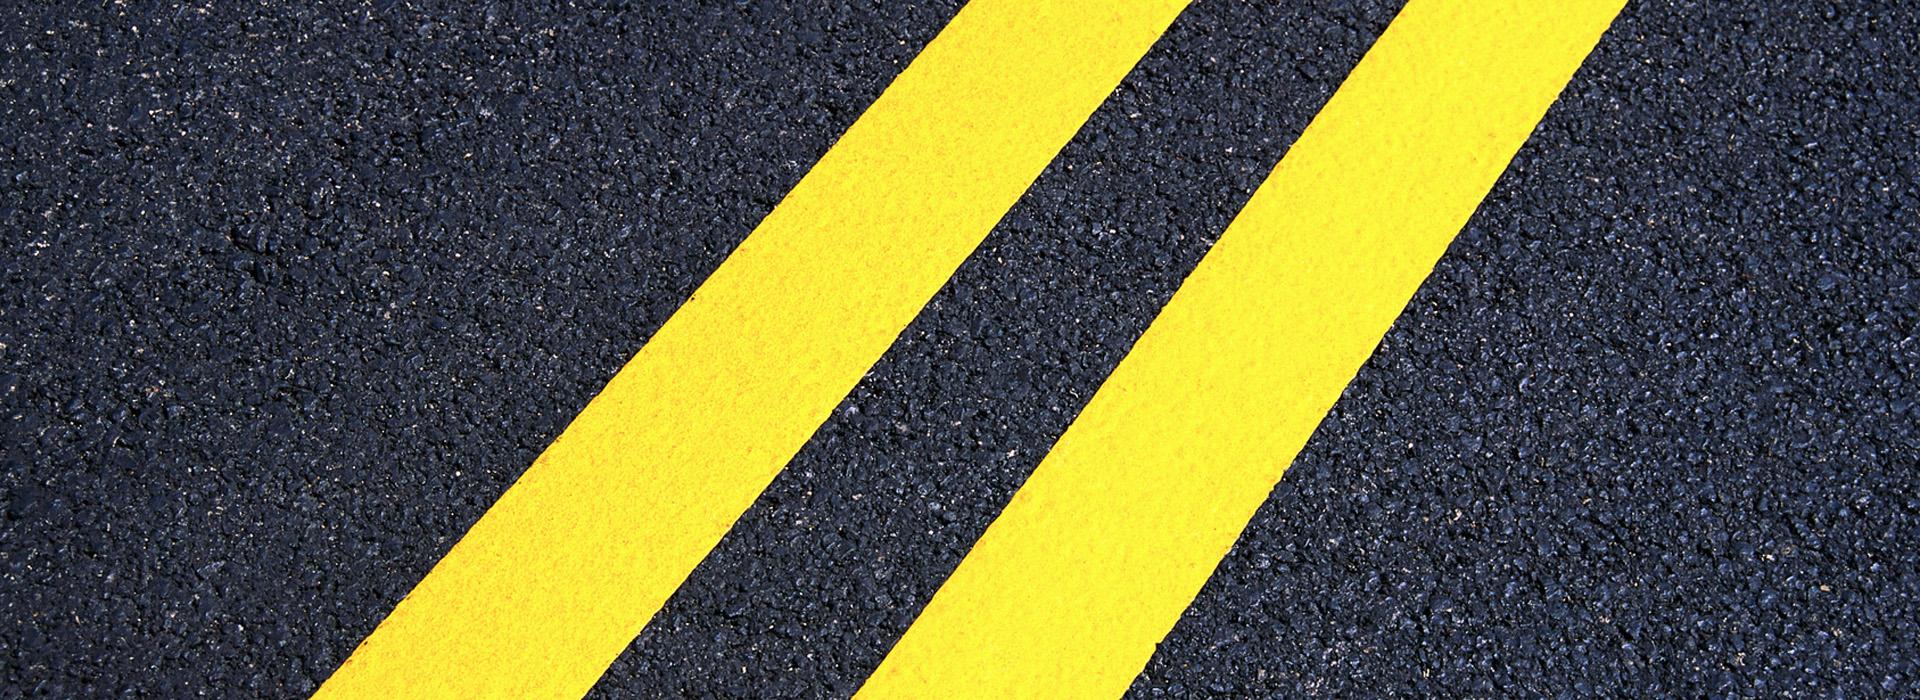 asfalti industriali